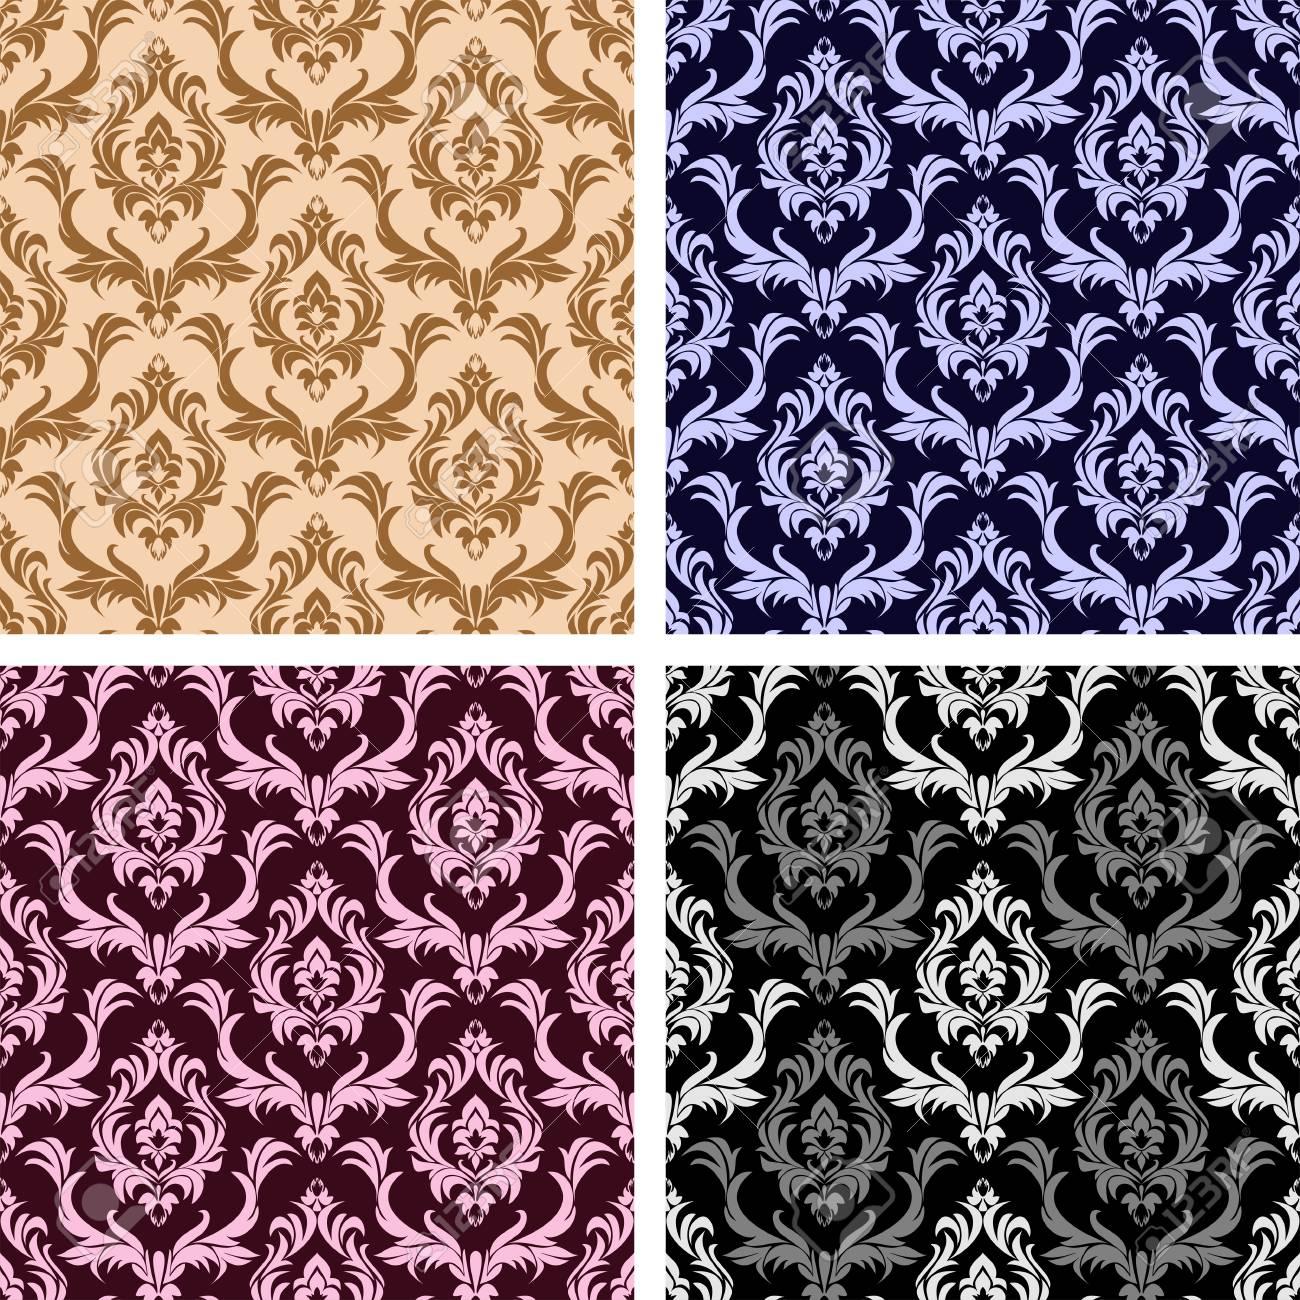 Seamless damask floral Wallpaper- set on four Variants - 97509682